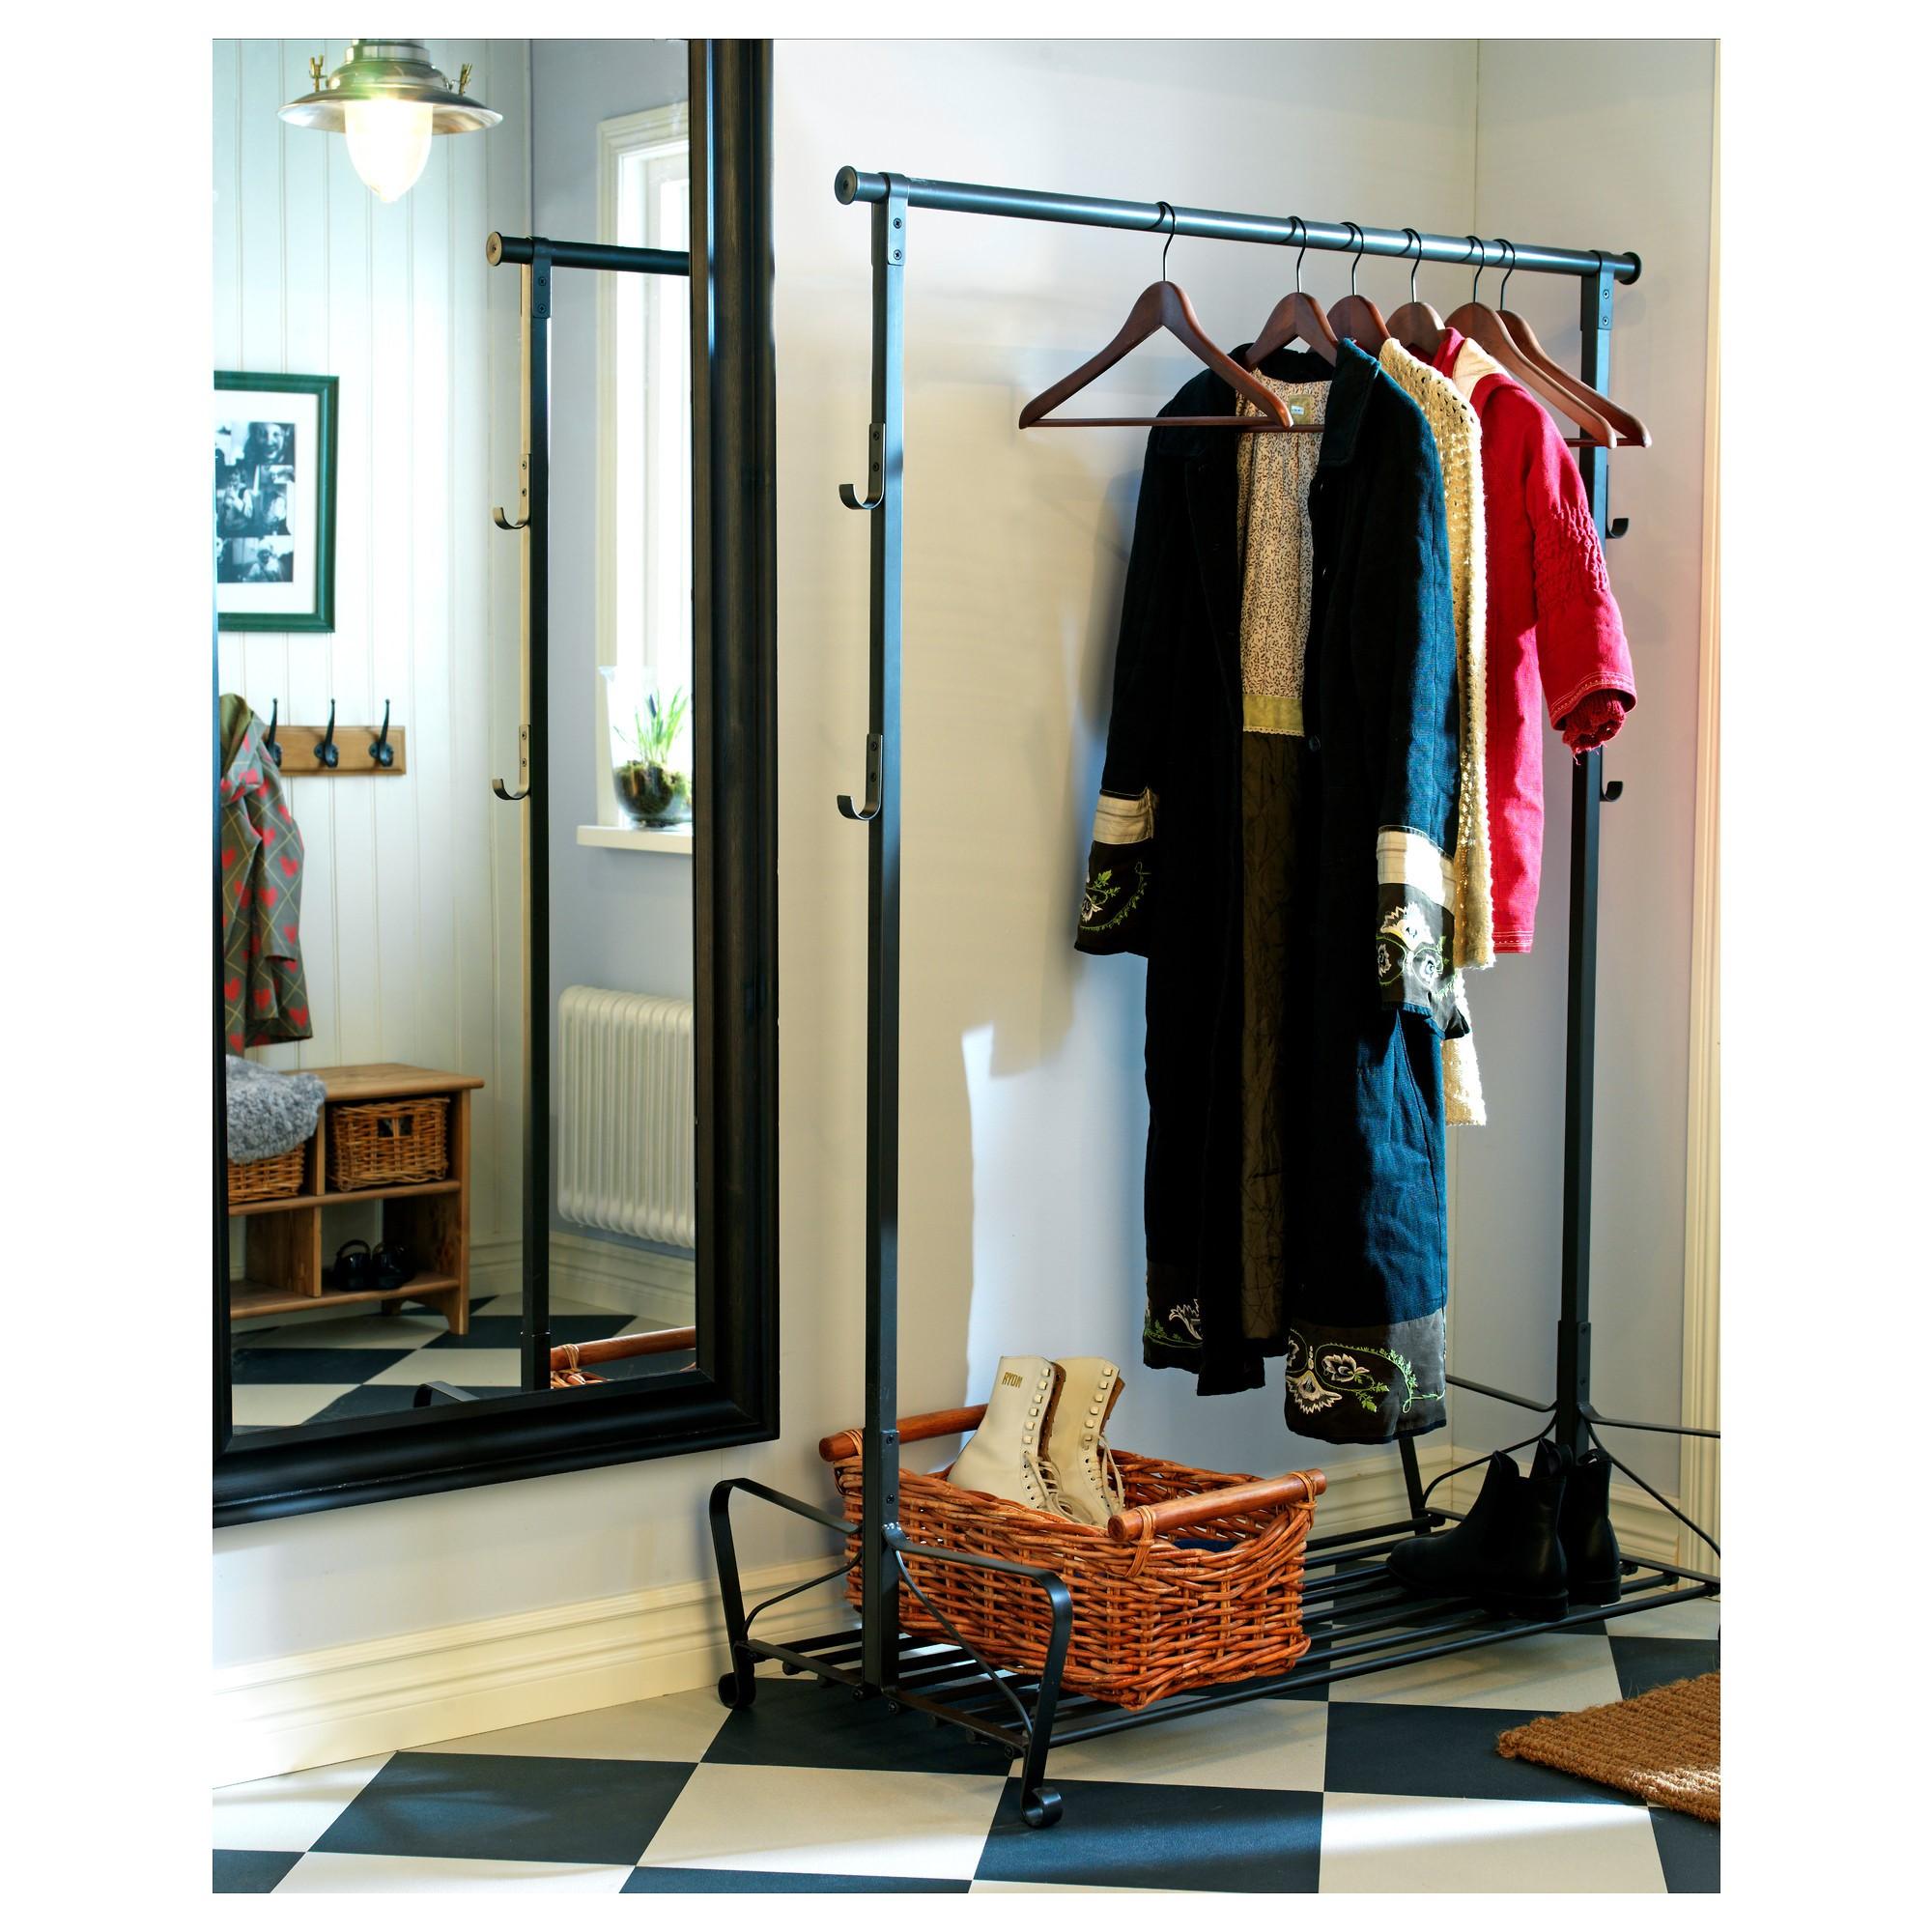 Ikea Coat Rack Wall Вешалки для одежды напольные 50 фото виды модели